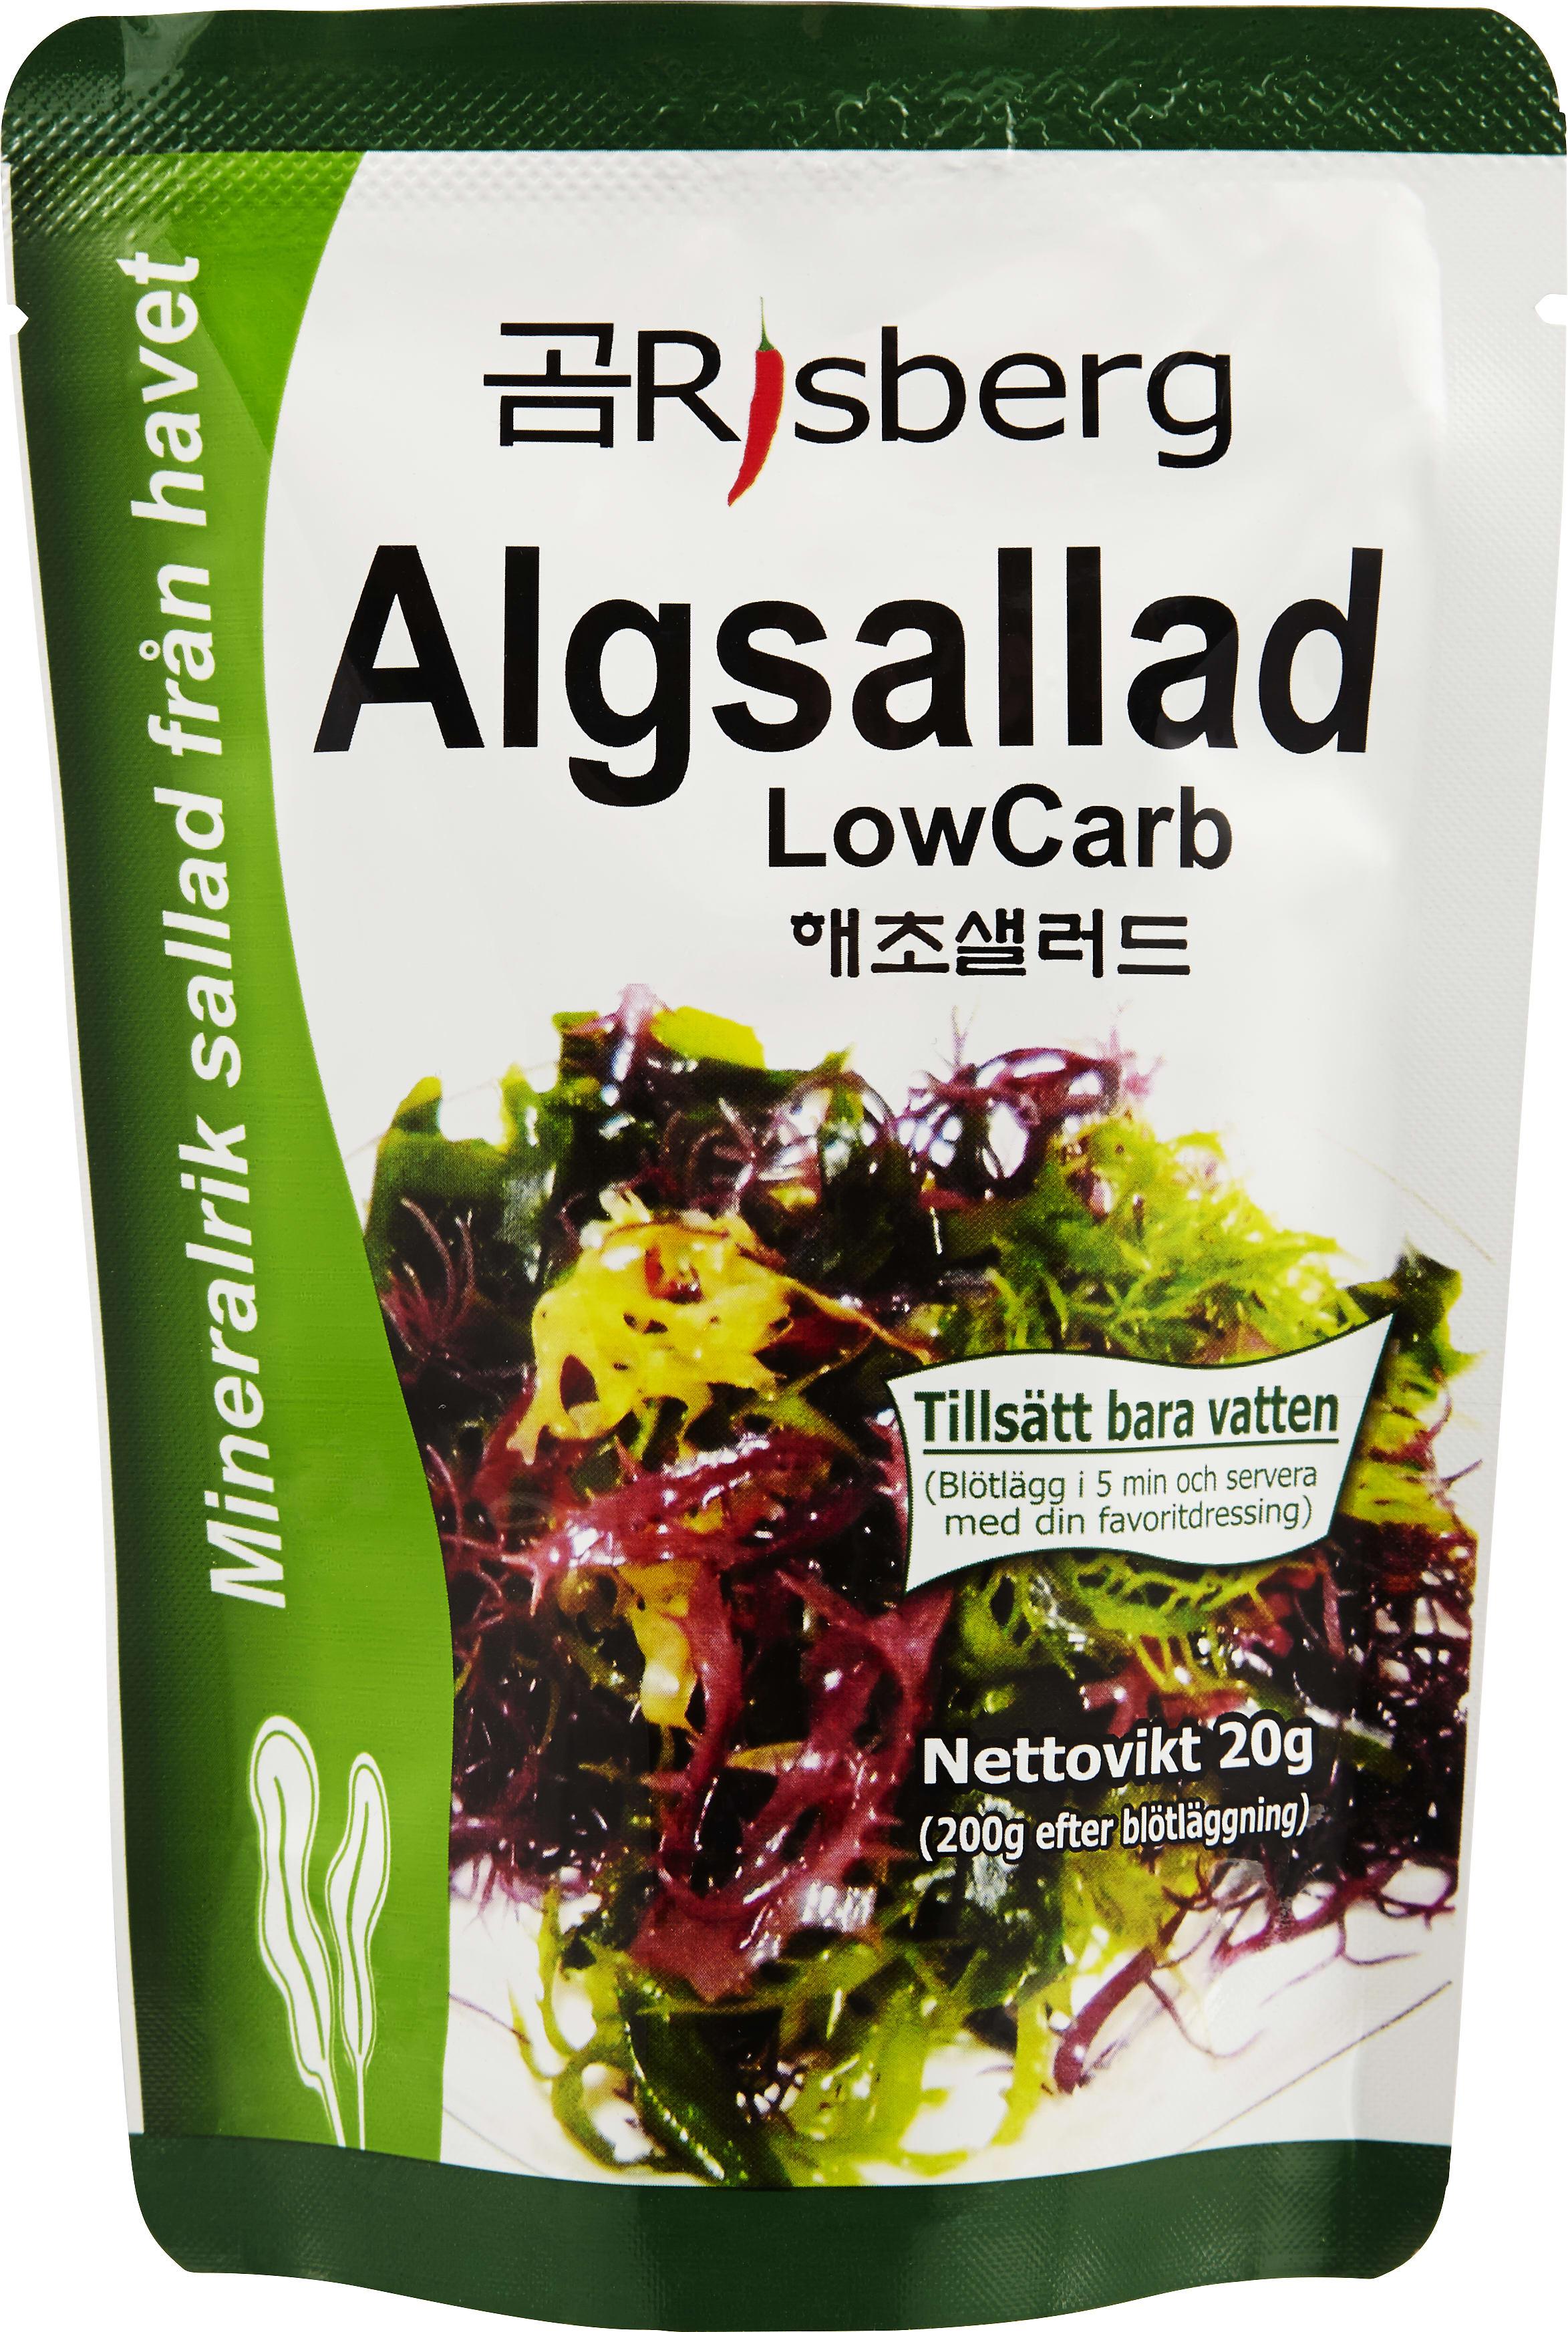 wakame alger köpa